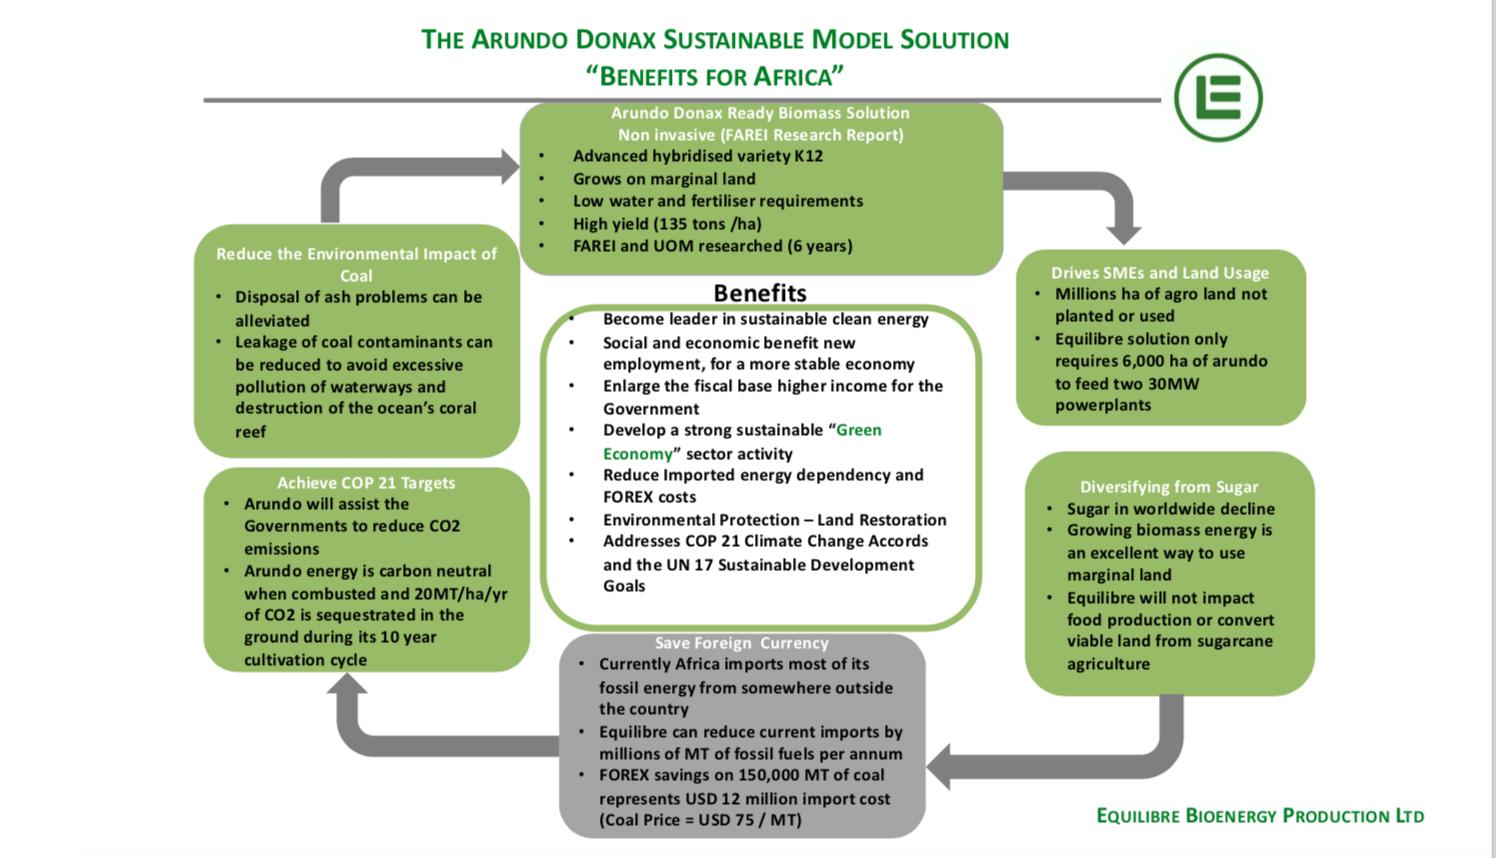 Gallery Bioenergy from Arundo Donax Biomass 4